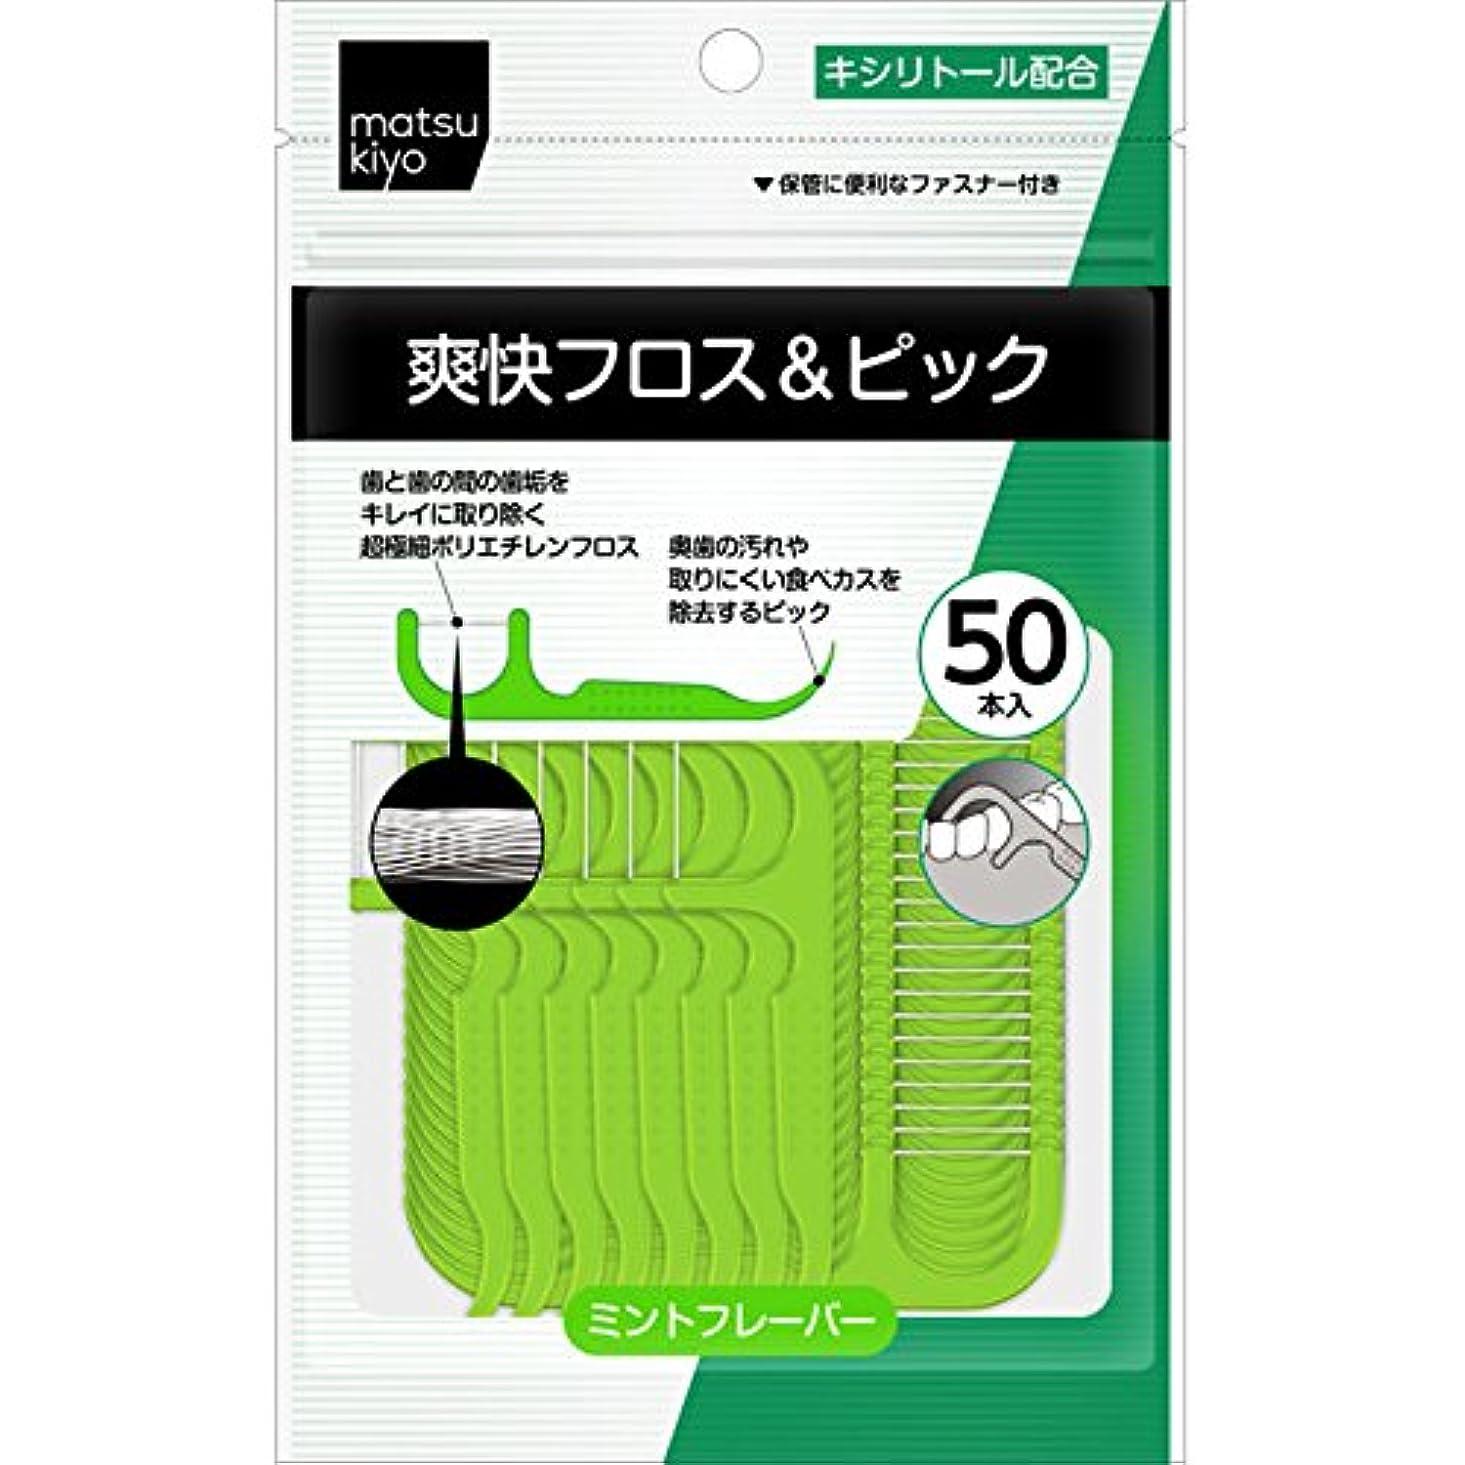 チャップ聞きますシーフードmatsukiyo 爽快フロス&ピック 50本